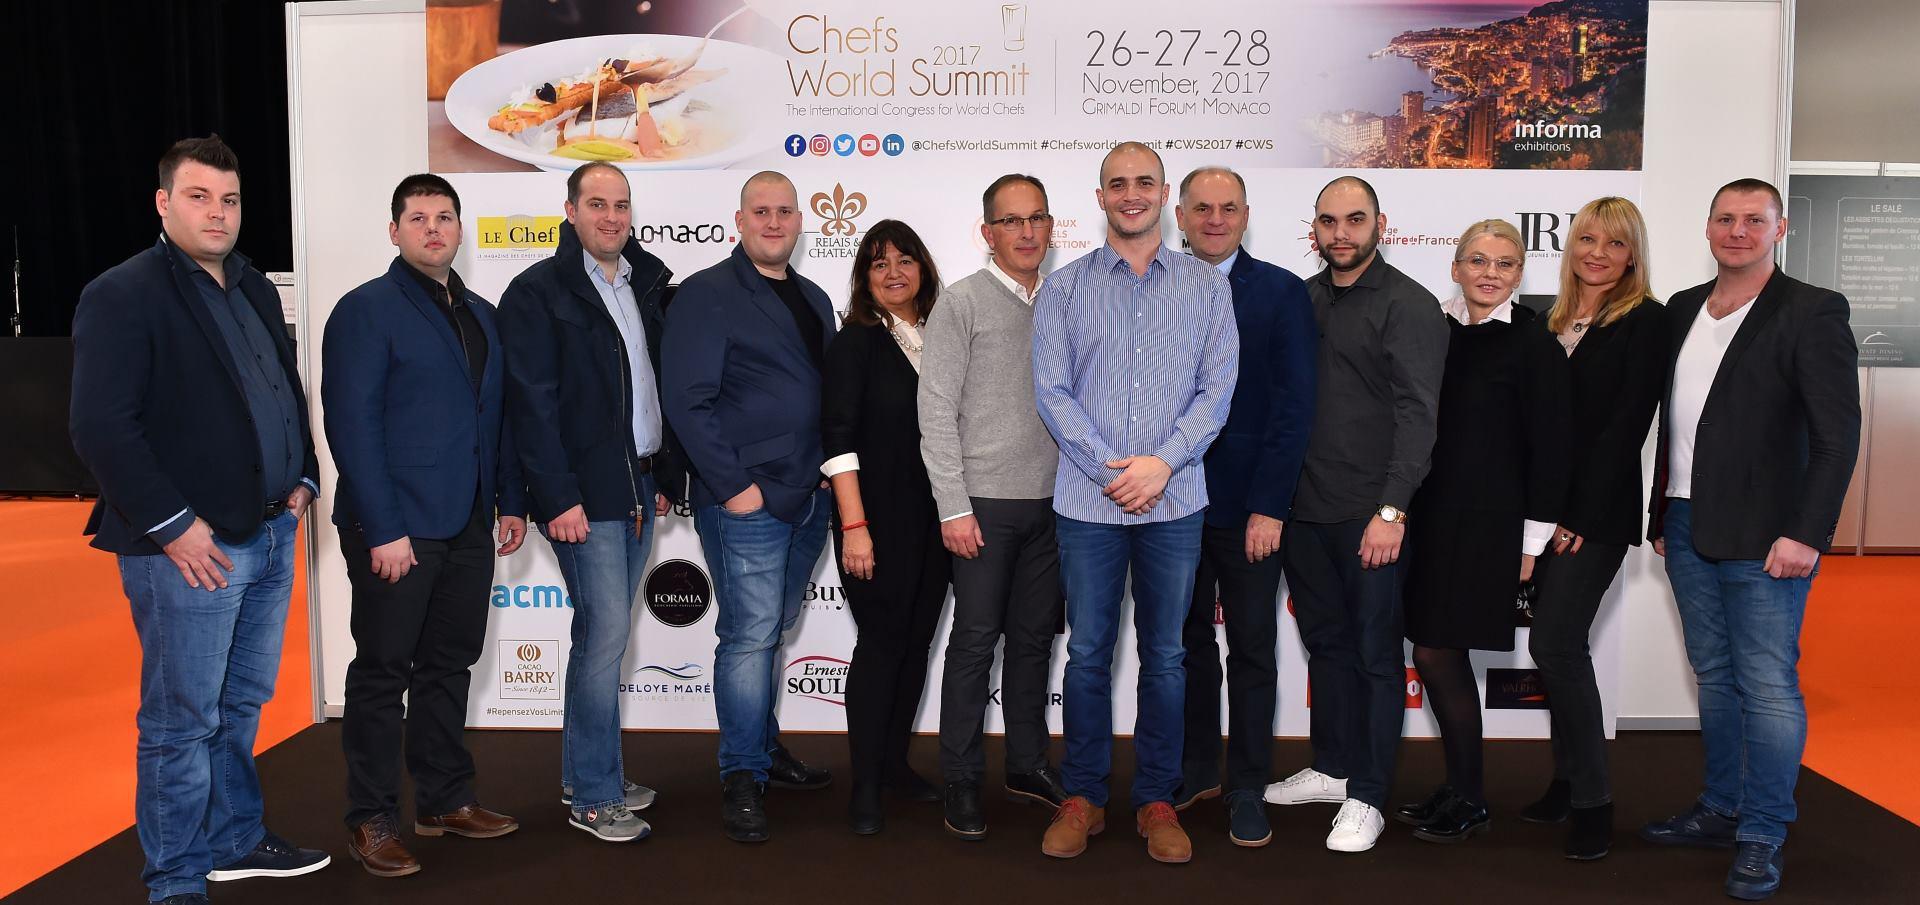 FOTO: Chef Melkior Bašić predstavio Hrvatsku na Chefs World Summitu u Monaku